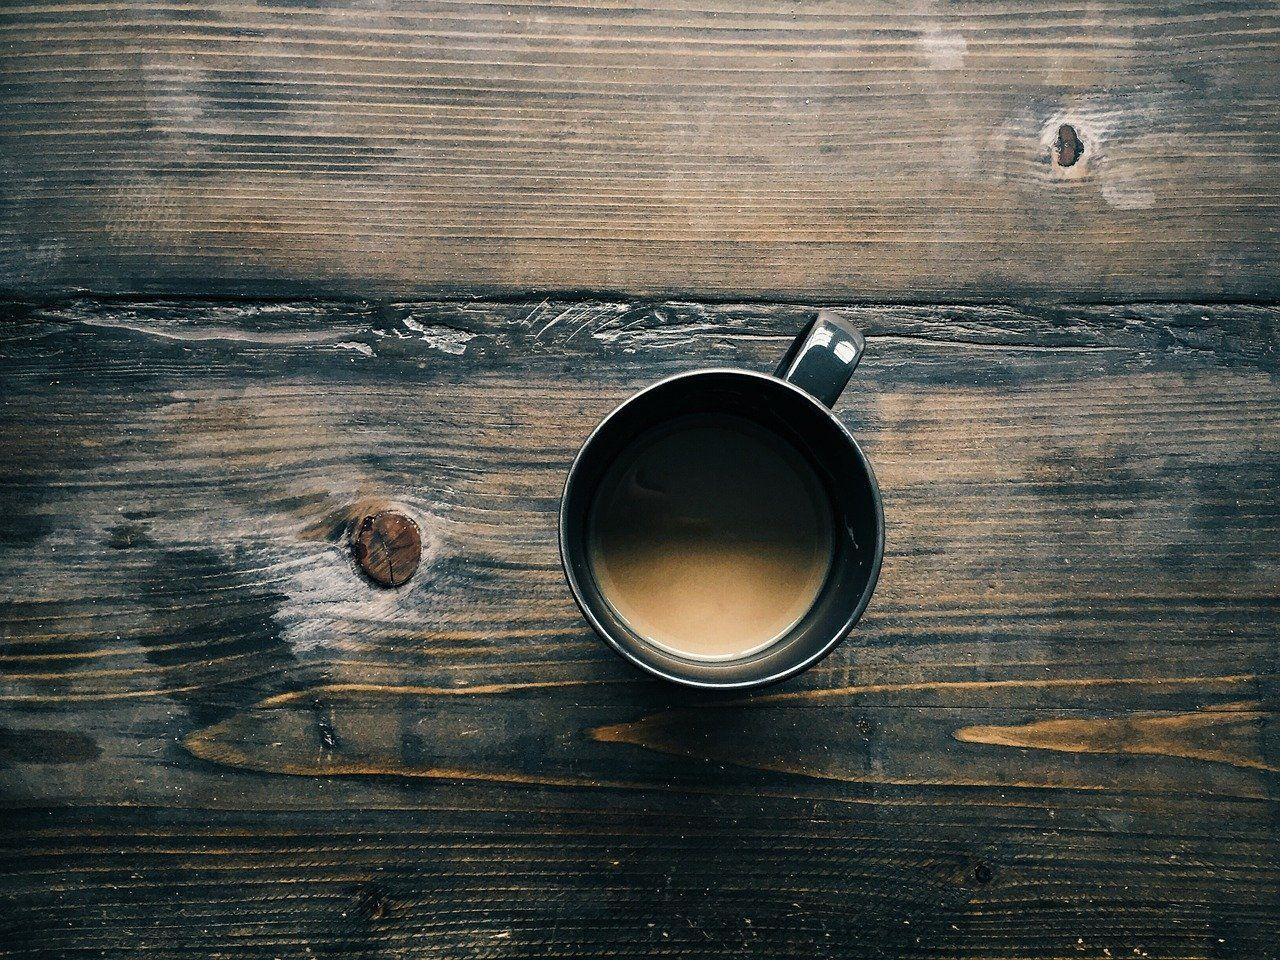 Kahvenin gizemi çözüldü! Ne zaman kahve içeceğimizi kortizol belirliyormuş! Kahveyi 10-12, 2-5 saatleri arasında tüketin! Kahveyi bu saatler dışında sakın içmeyin! - Sayfa:3